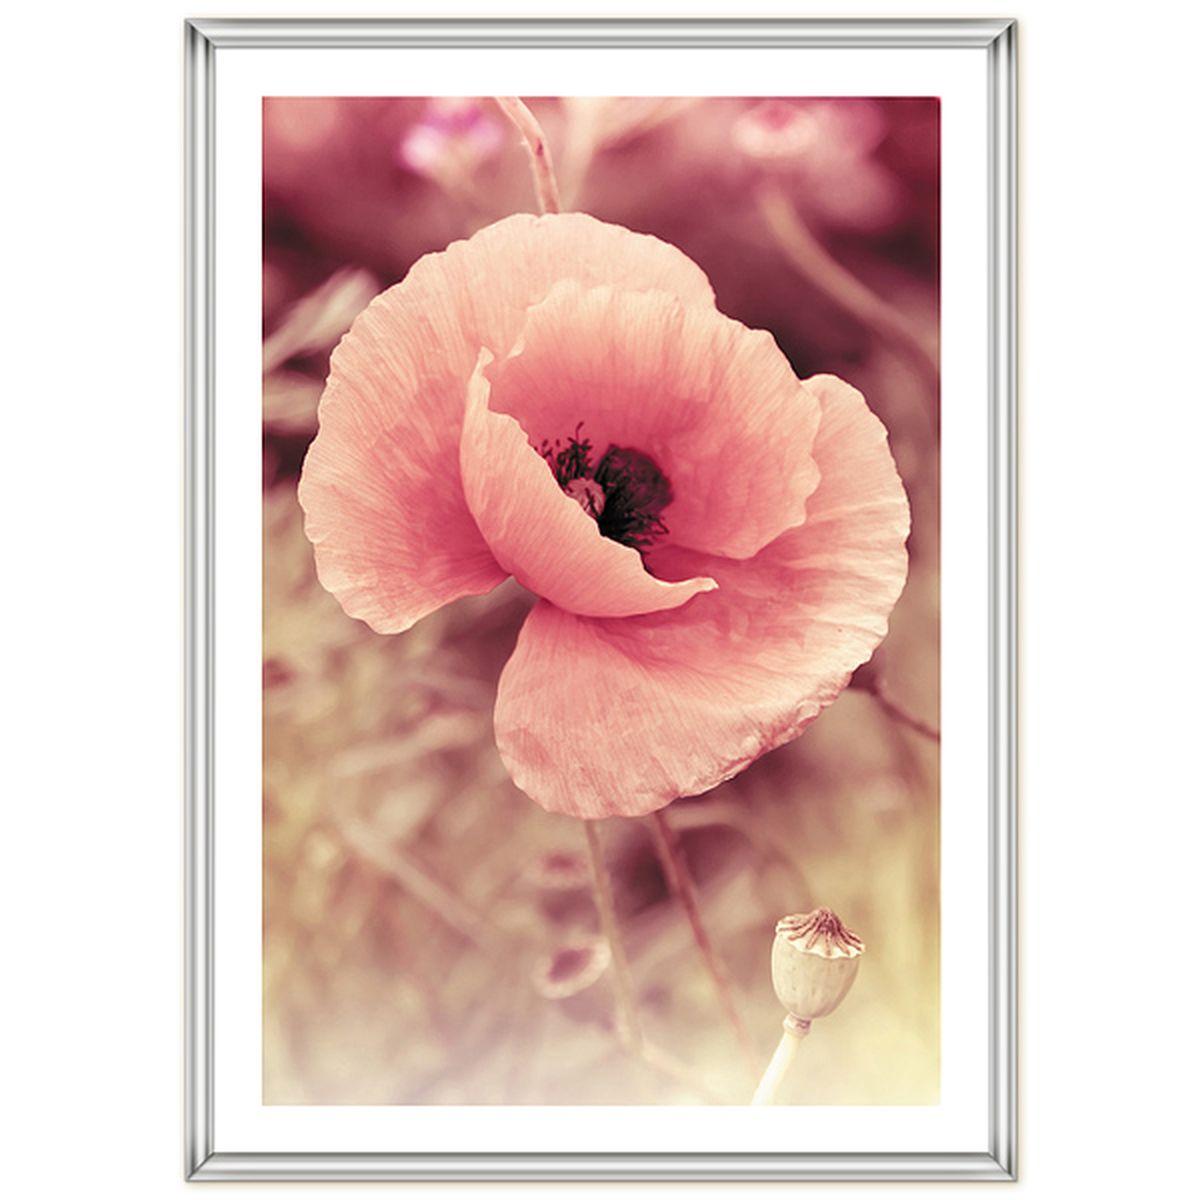 Фоторамка Pioneer Poster Silver, 40 x 60 см9117 PR foilРамка для фото формата 40х60 см. Материал: пластик. Материалы, использованные в изготовлении рамок, обеспечивают высокое качество хранения Ваших фотографий, поэтому фотографии не желтеют со временем.